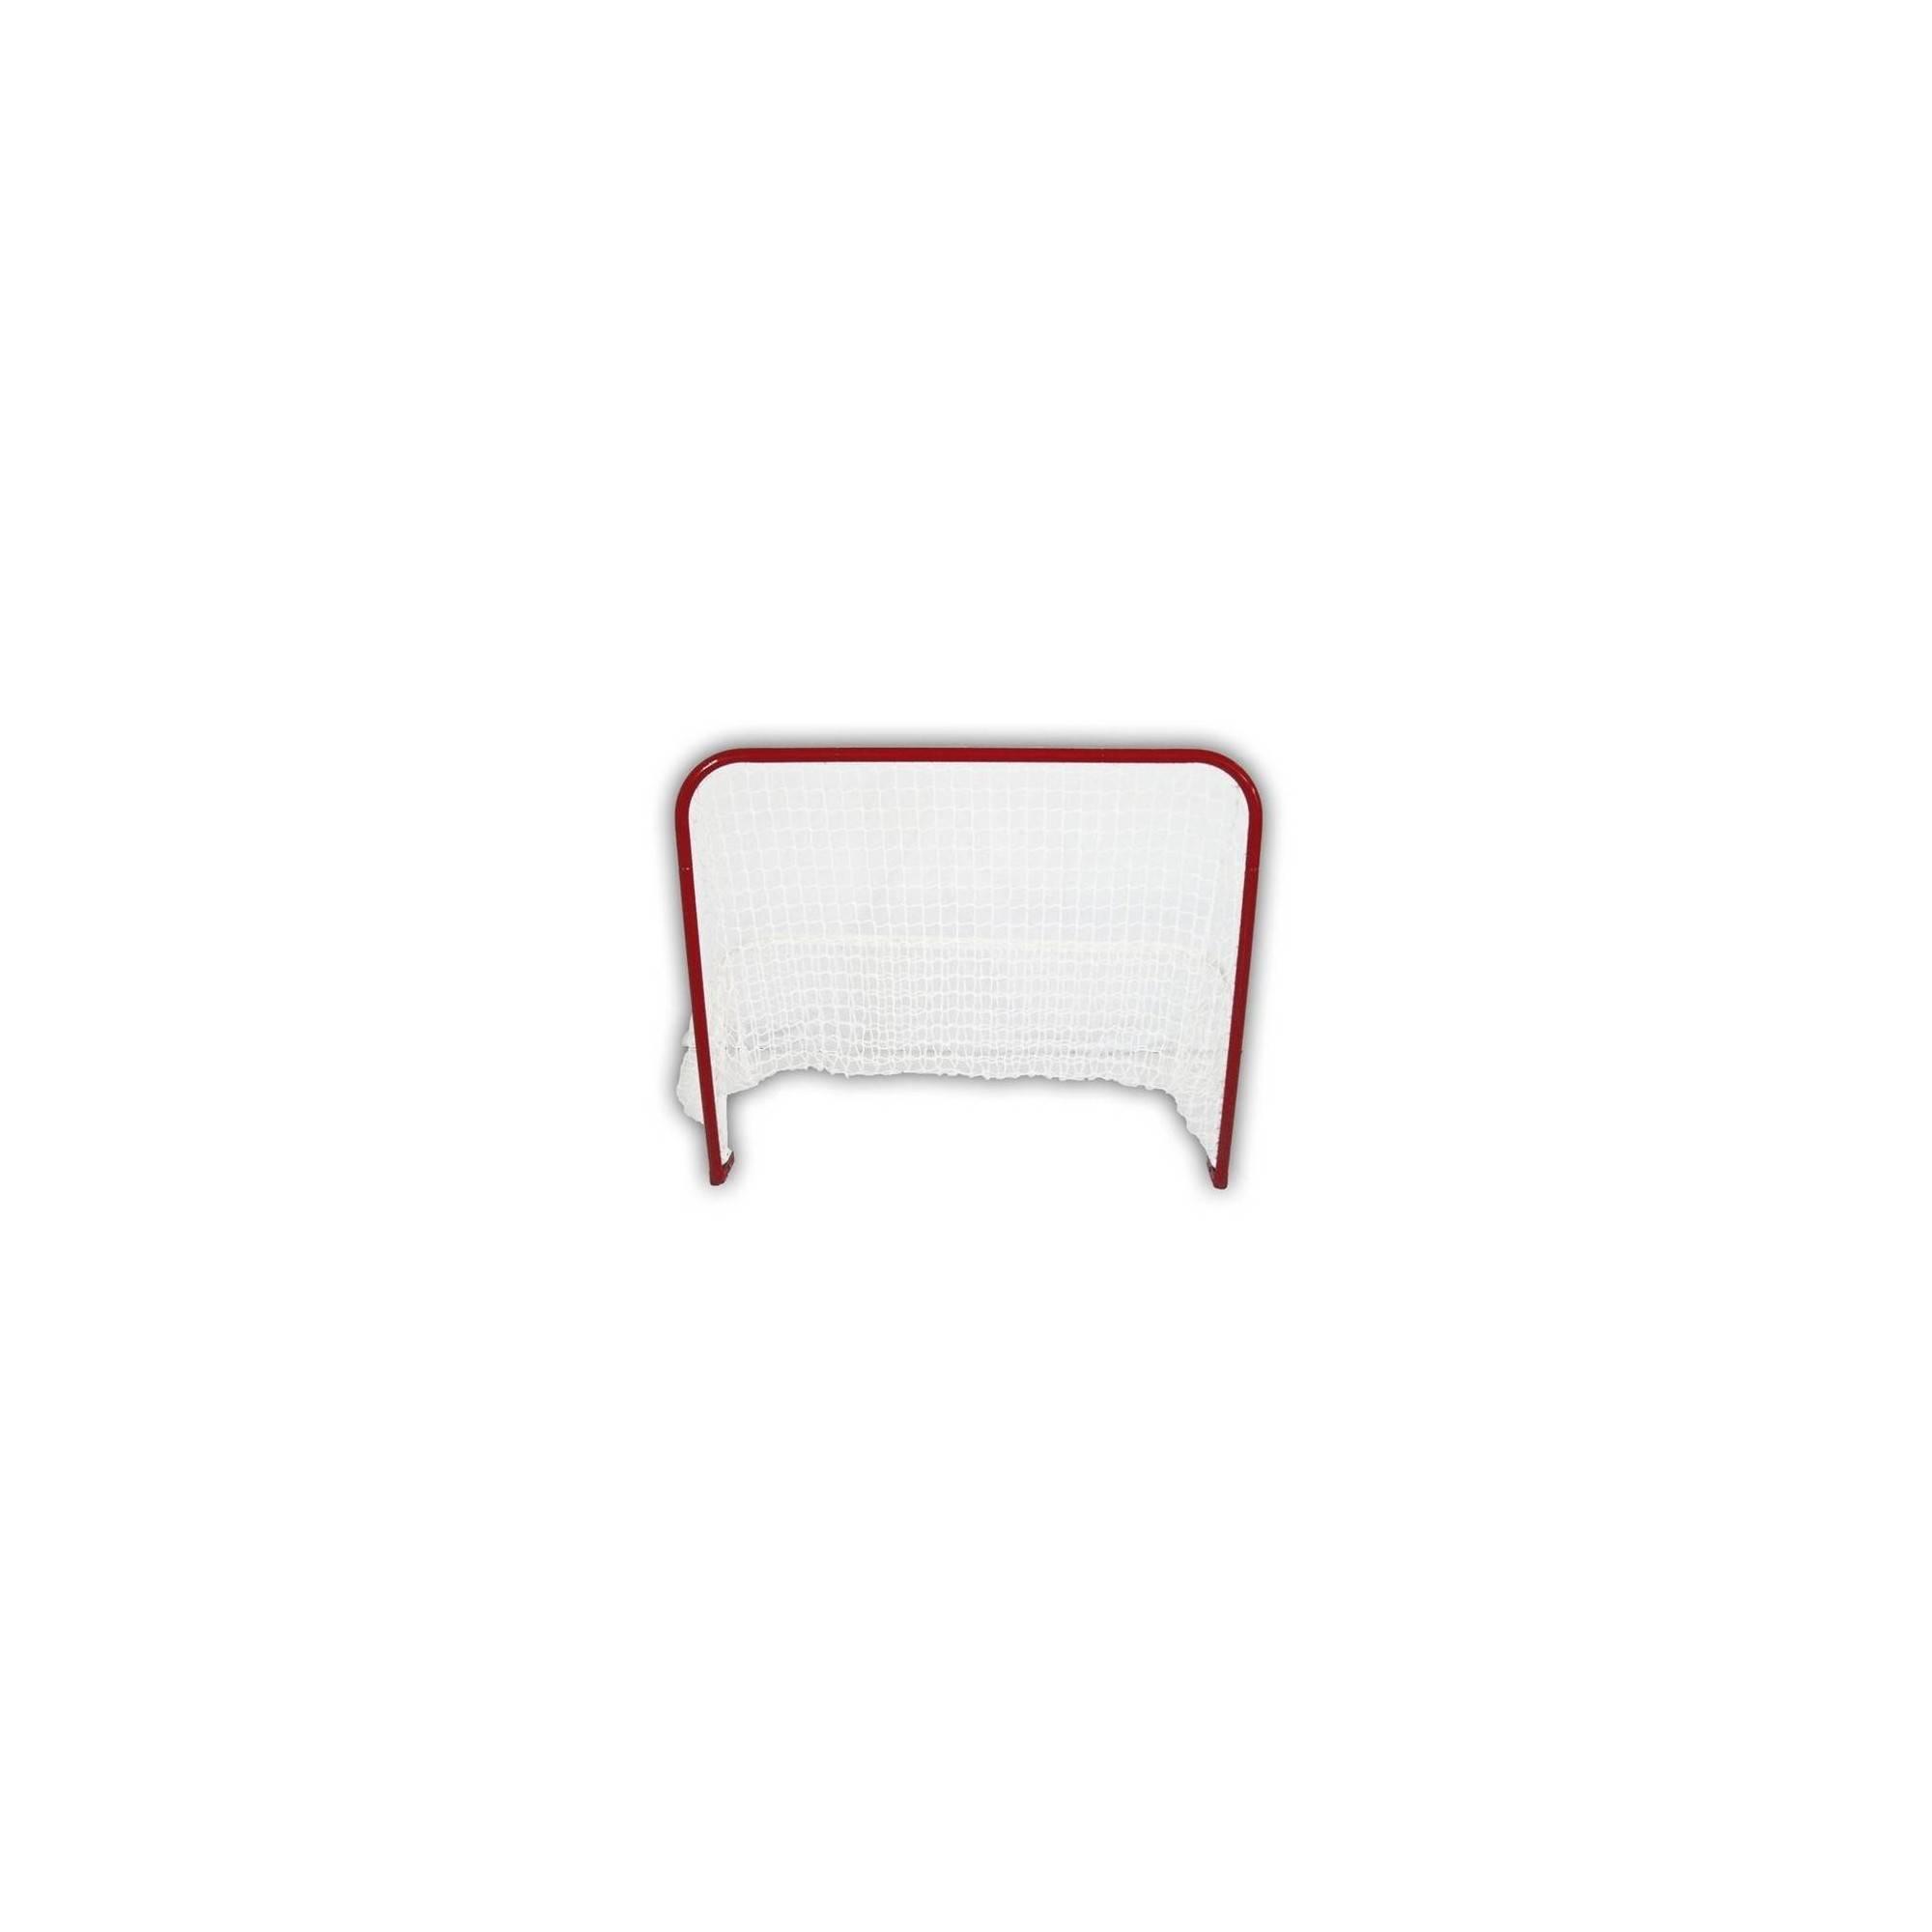 Bramka Street Hockey 50'' SPARTAN SPORT 125x112x61cm,producent: SPARTAN SPORT, zdjecie photo: 1 | online shop klubfitness.pl | s